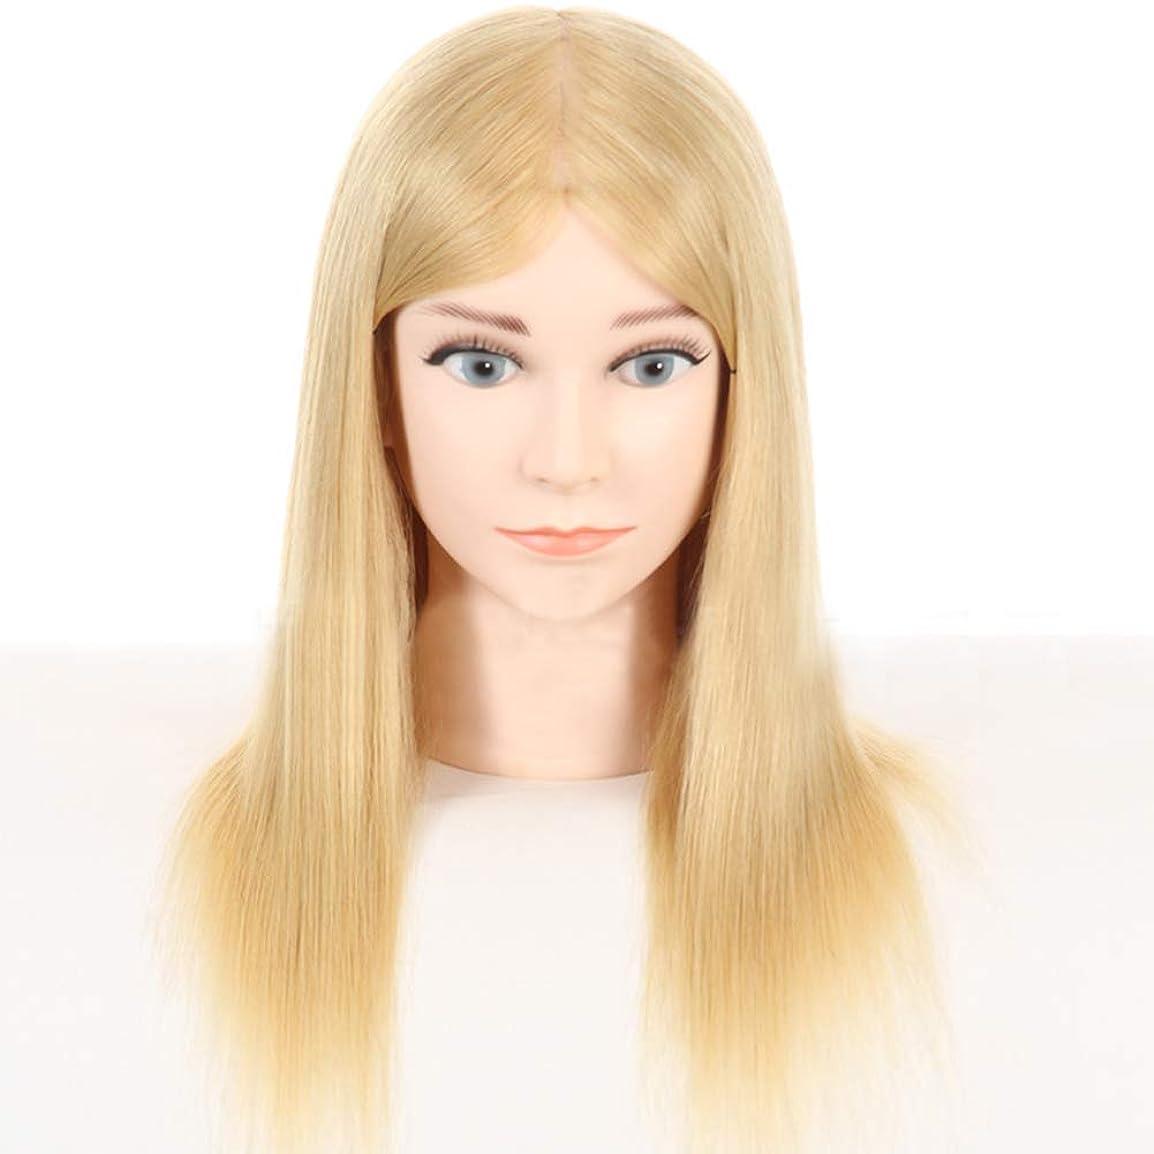 トロピカル戦術始める本物の人間の髪のかつらの頭の金型の理髪の髪型のスタイリングマネキンの頭の理髪店の練習の練習ダミーヘッド